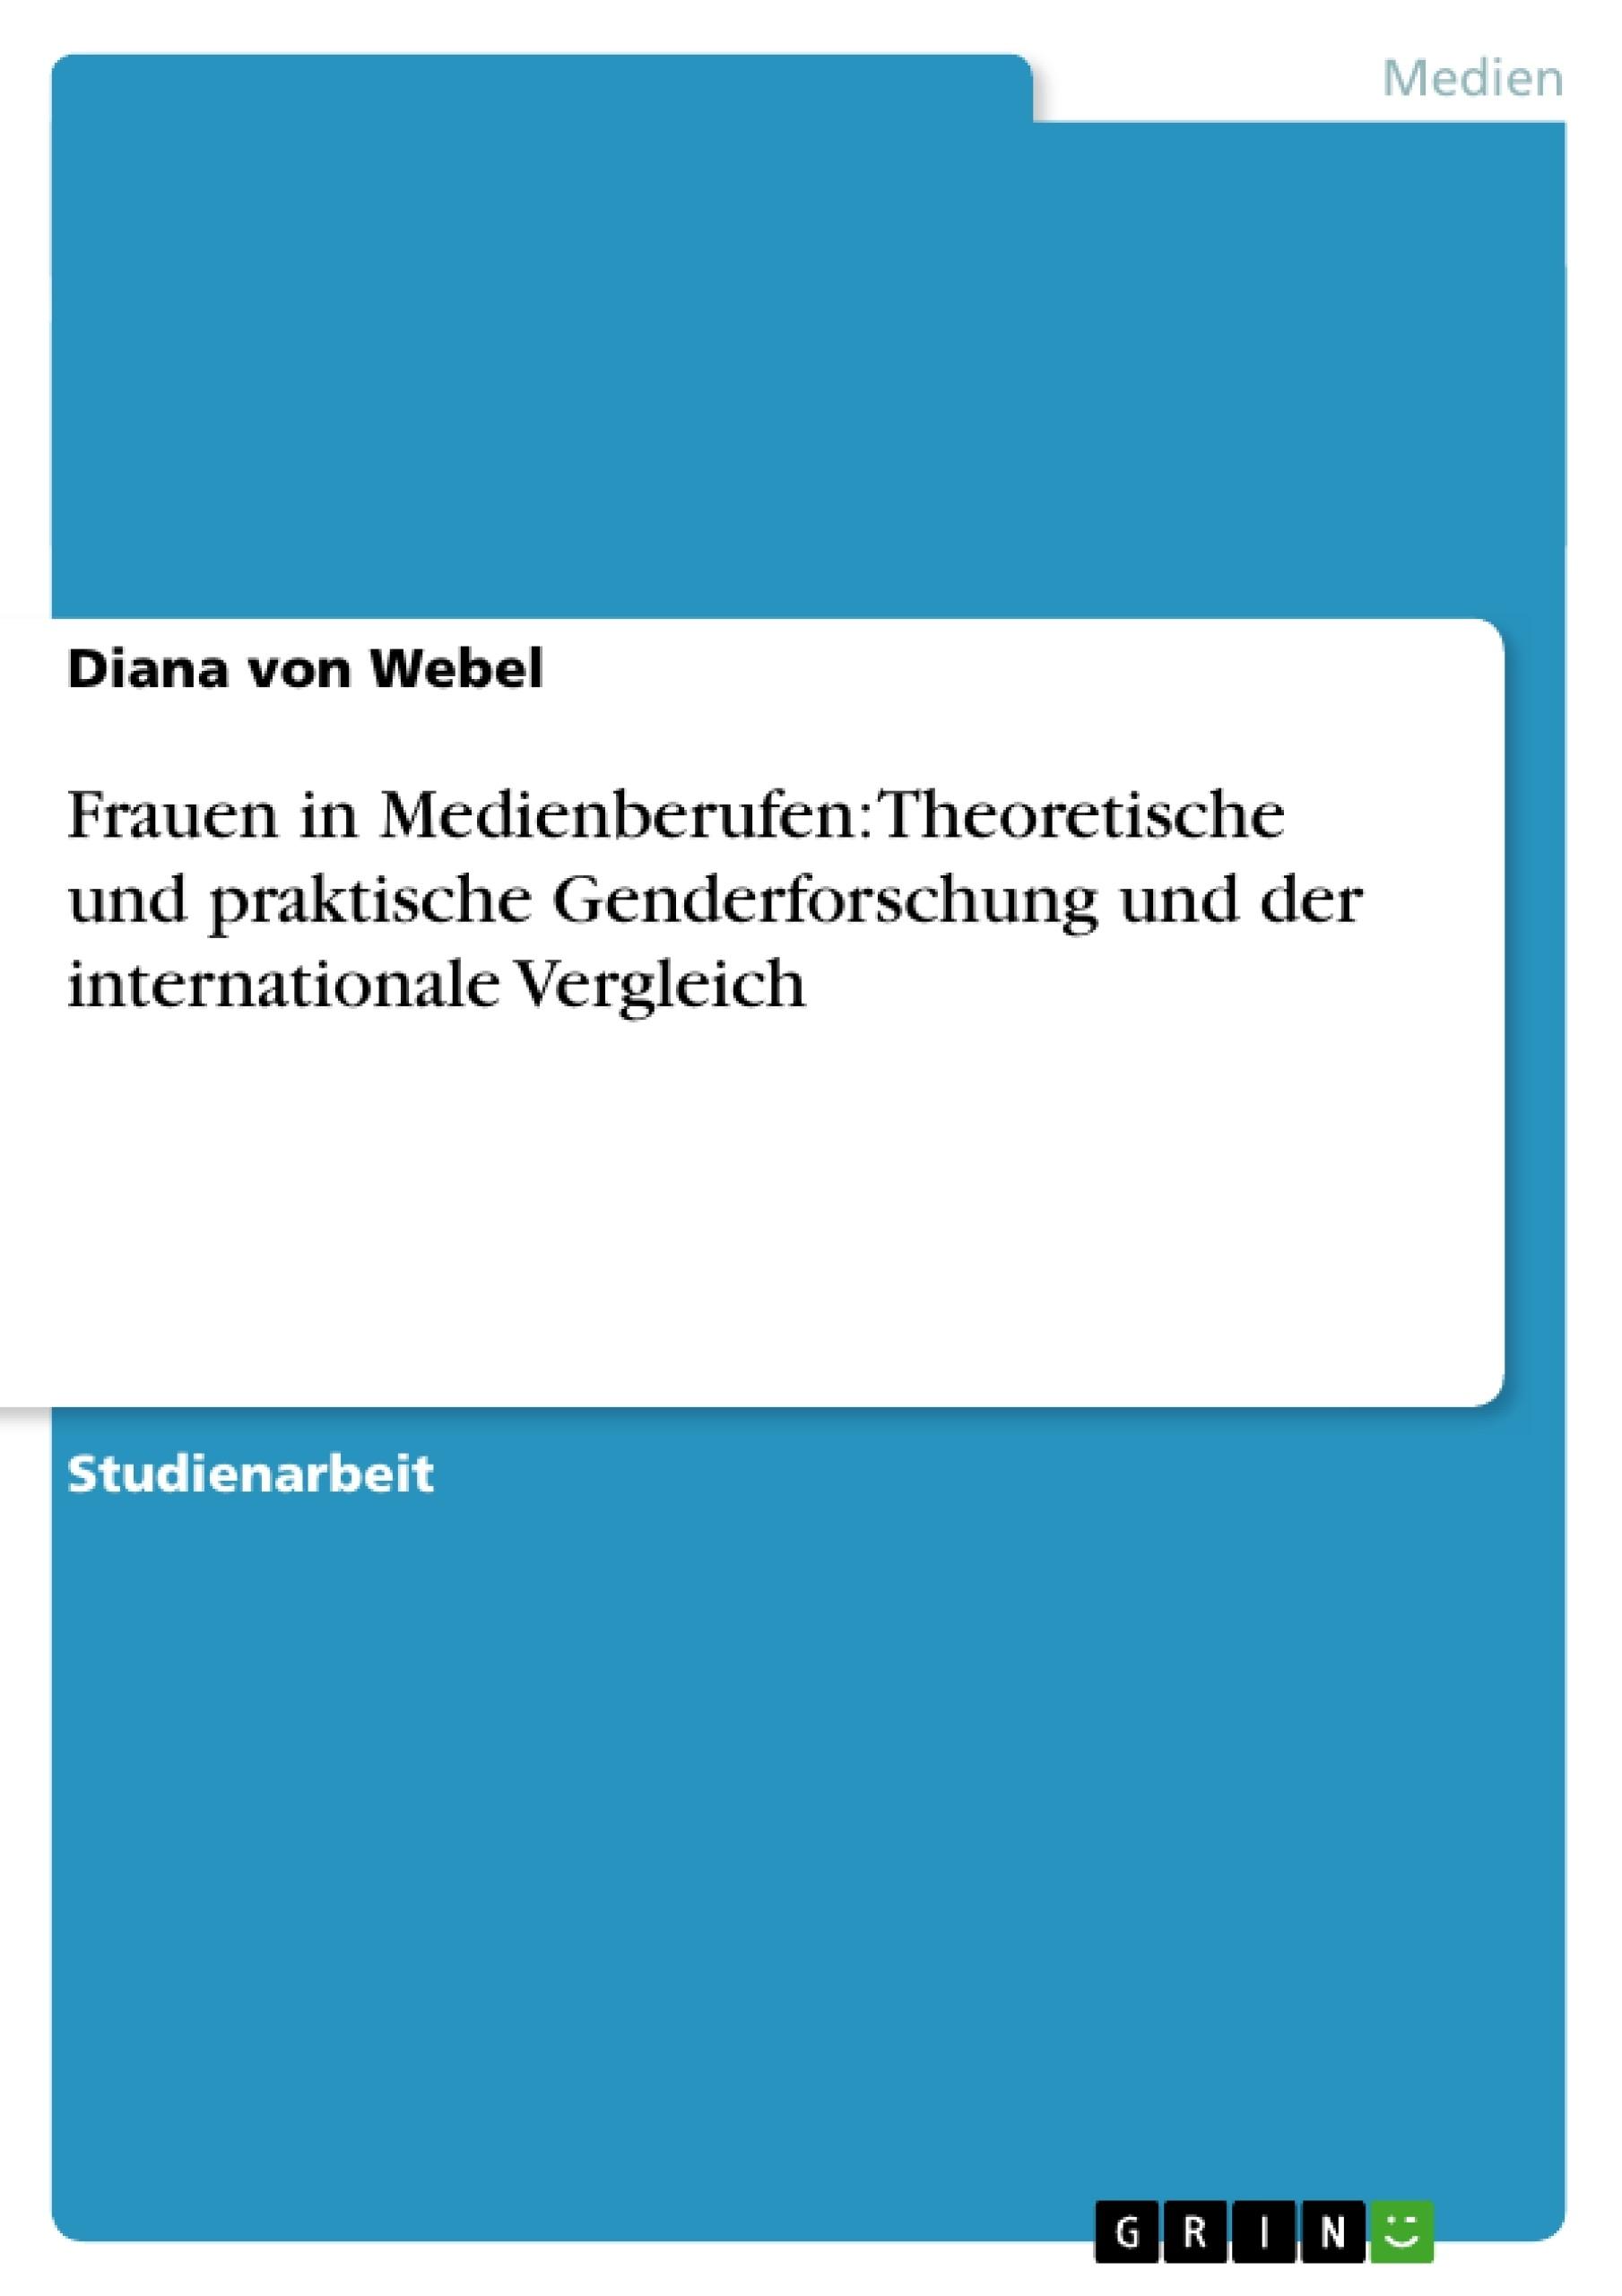 Titel: Frauen in Medienberufen: Theoretische und praktische Genderforschung und der internationale Vergleich